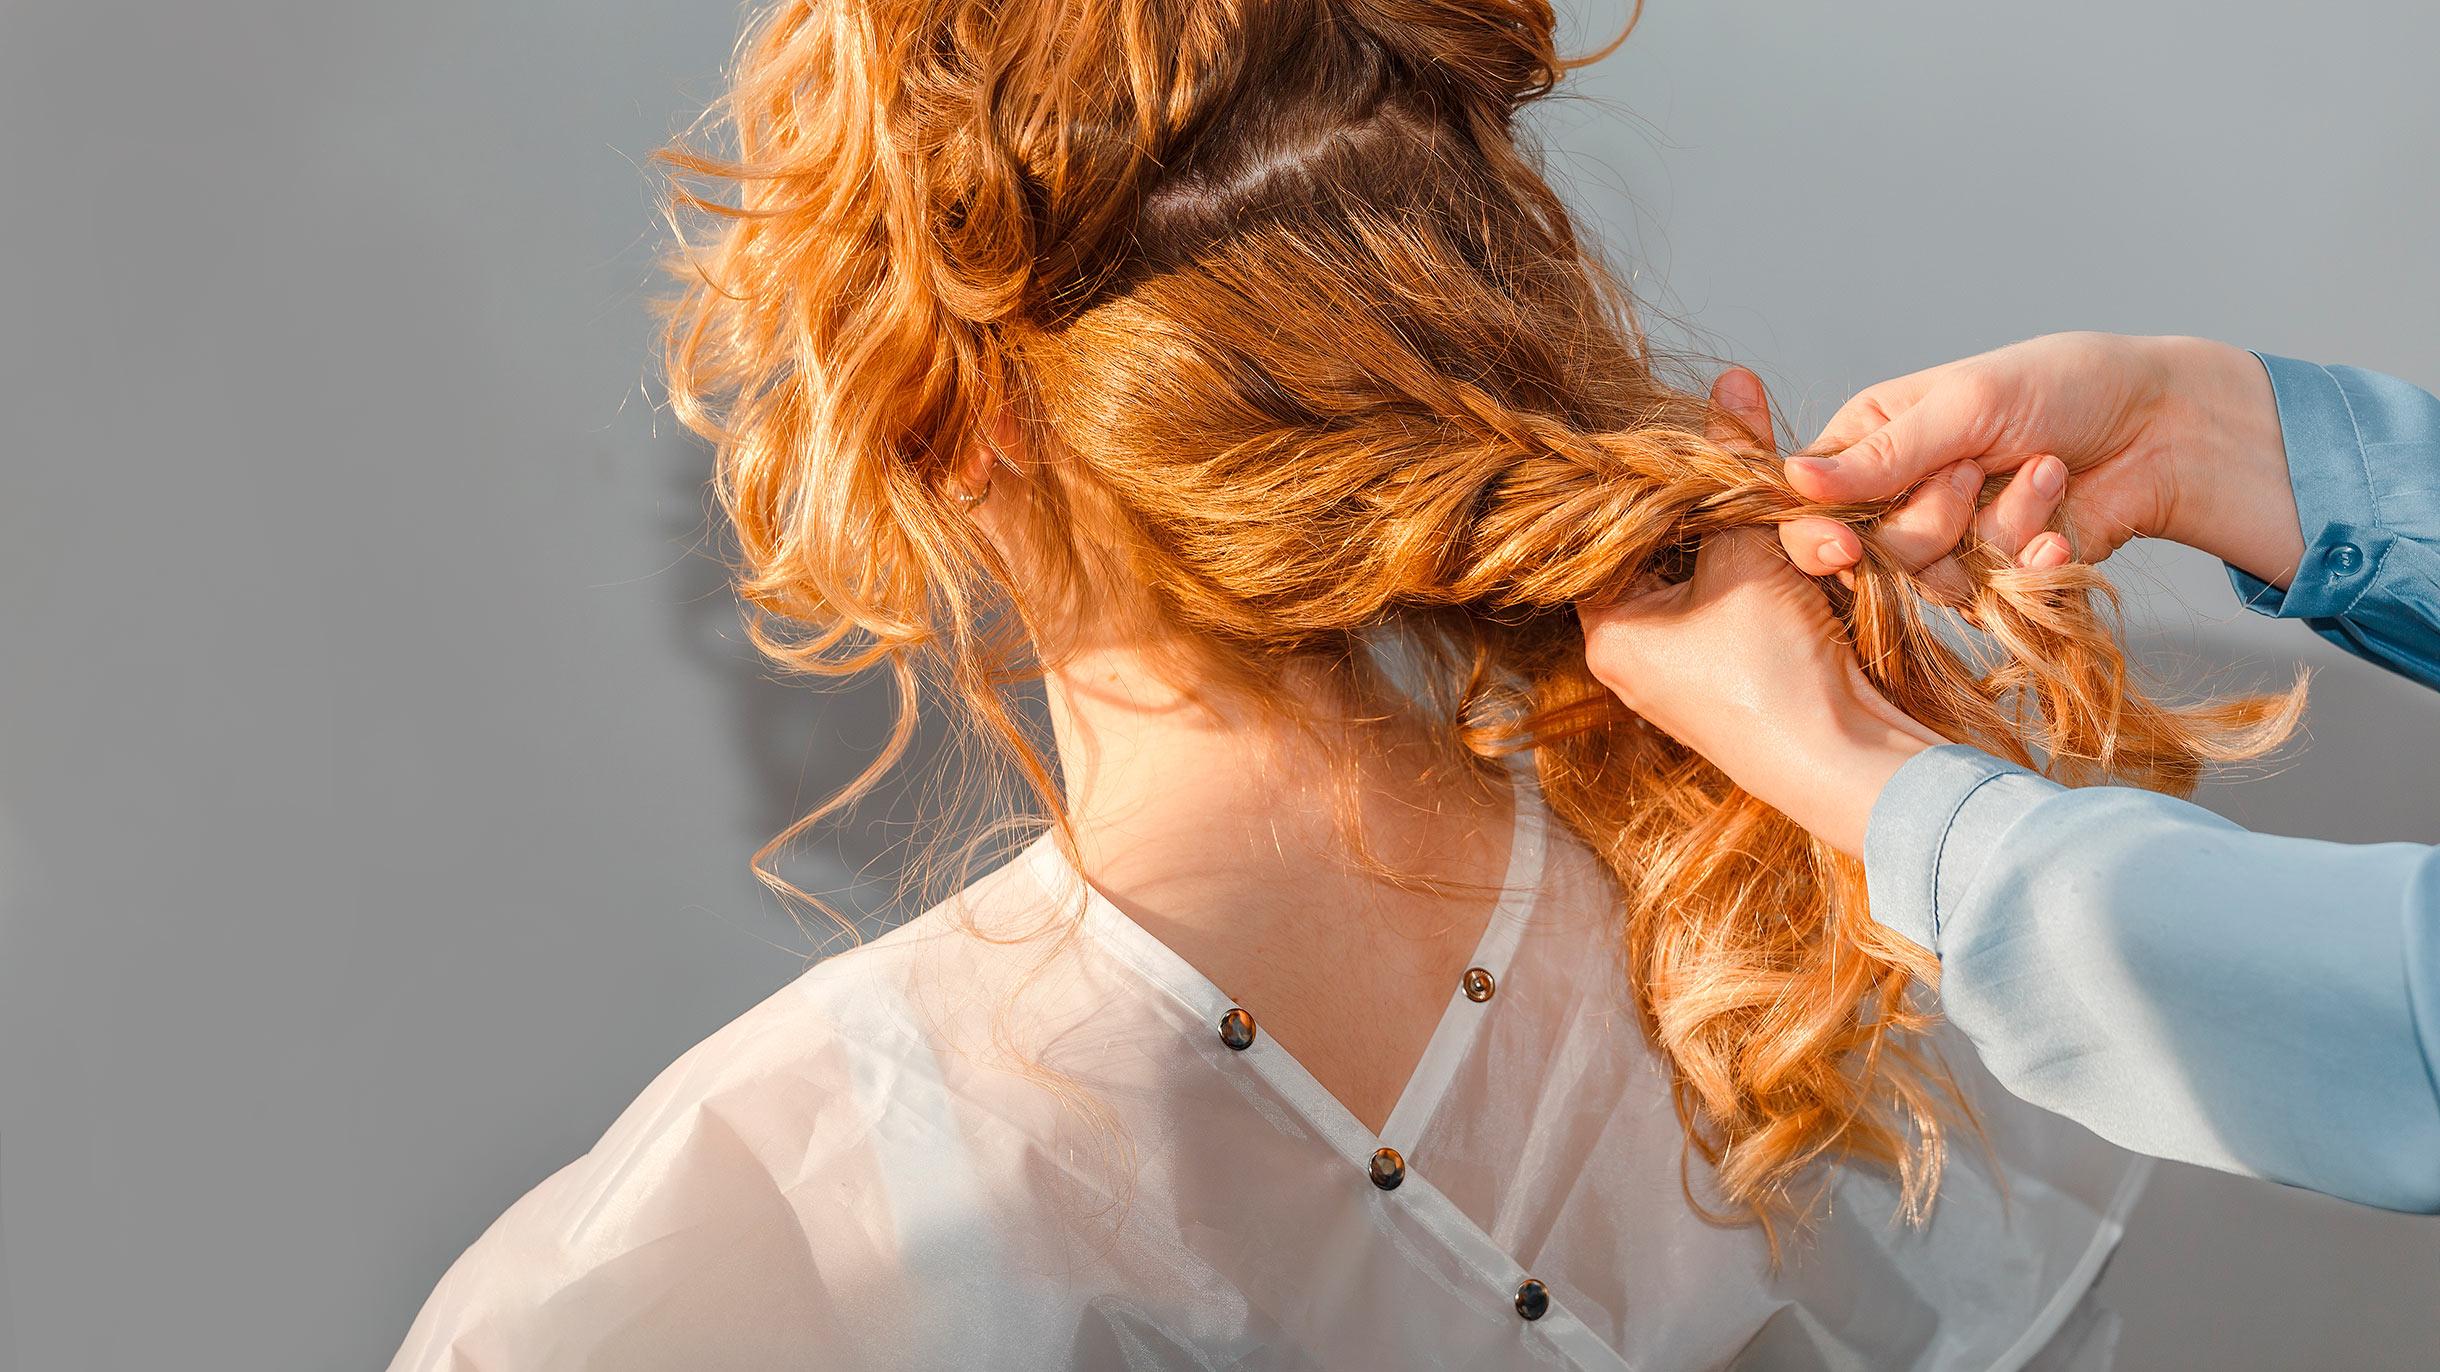 Сколько стоит стать стилистом-парикмахером